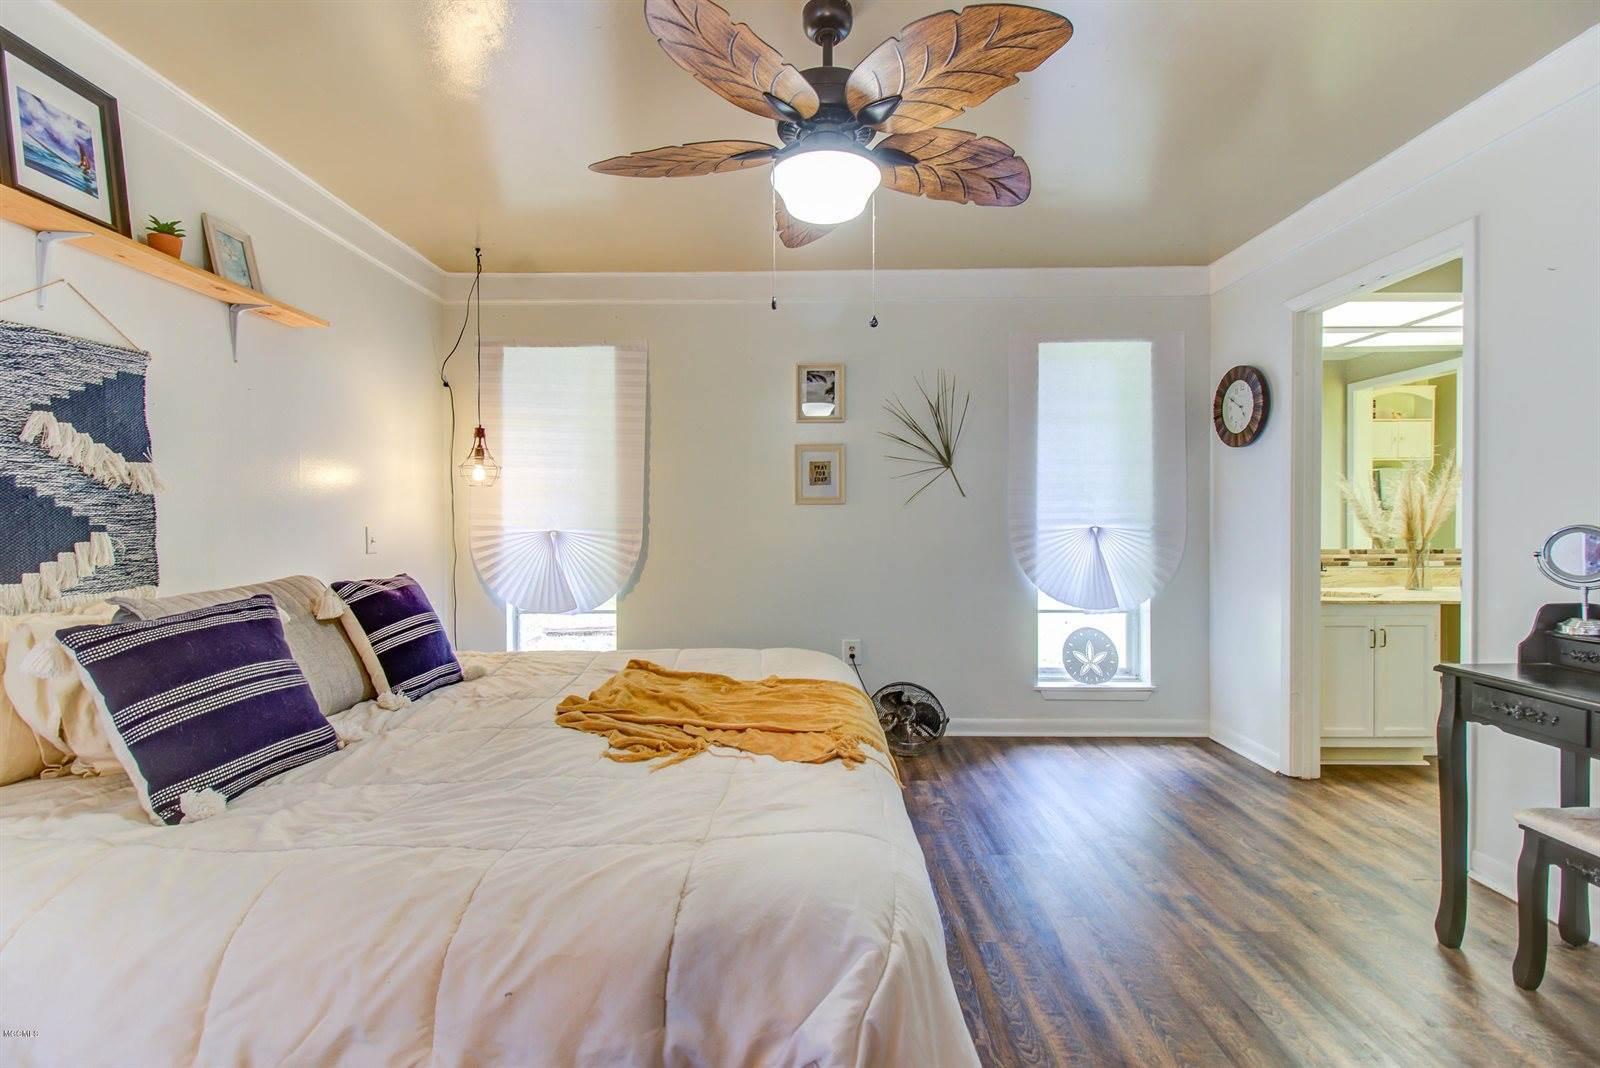 111 South Seashore Ave, Long Beach, MS 39560